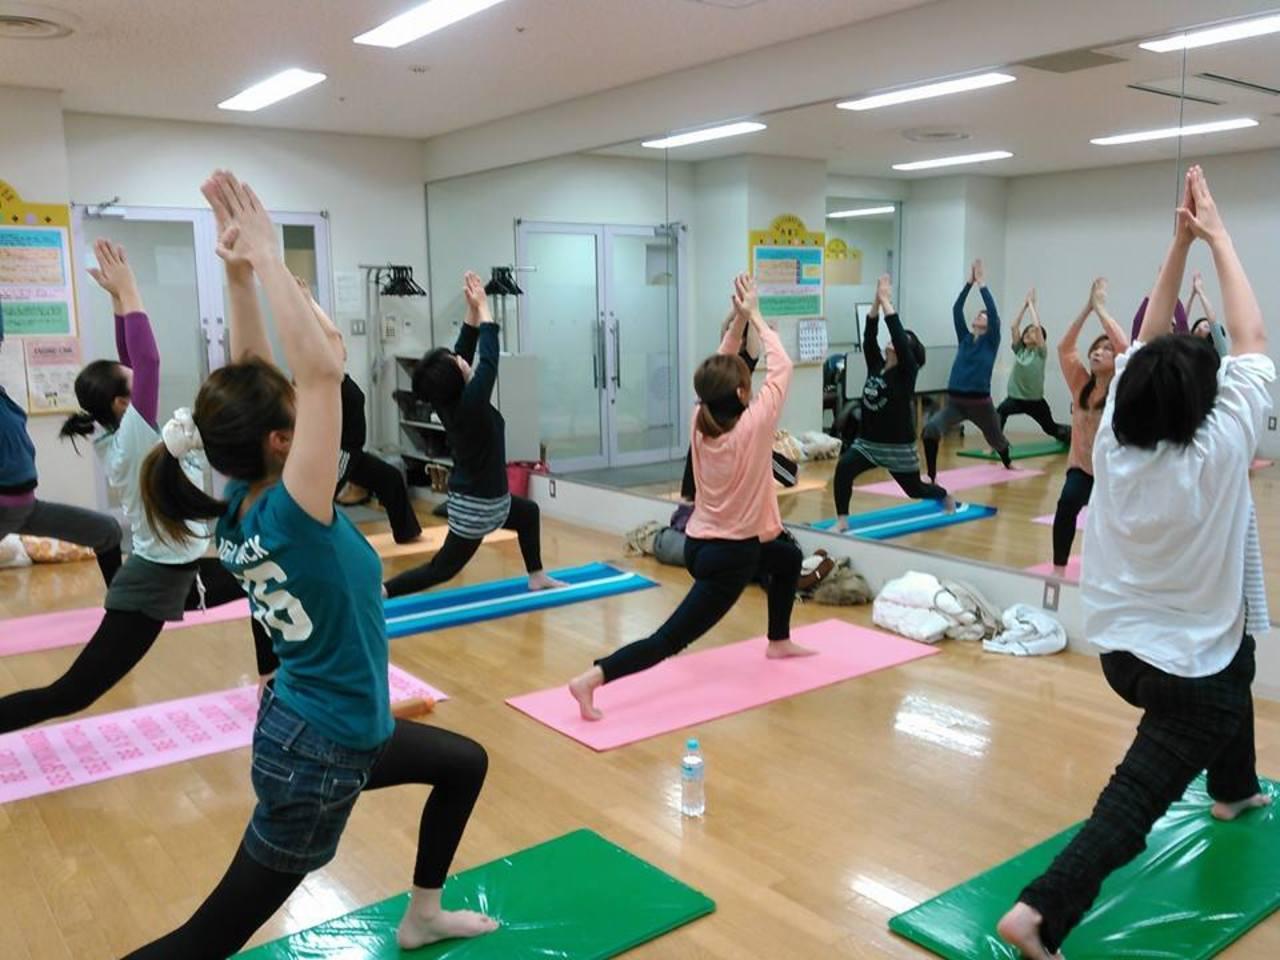 ちえりあ 開催 託児付き 女性のためのヨガクラス 西区 (6/28) 札幌